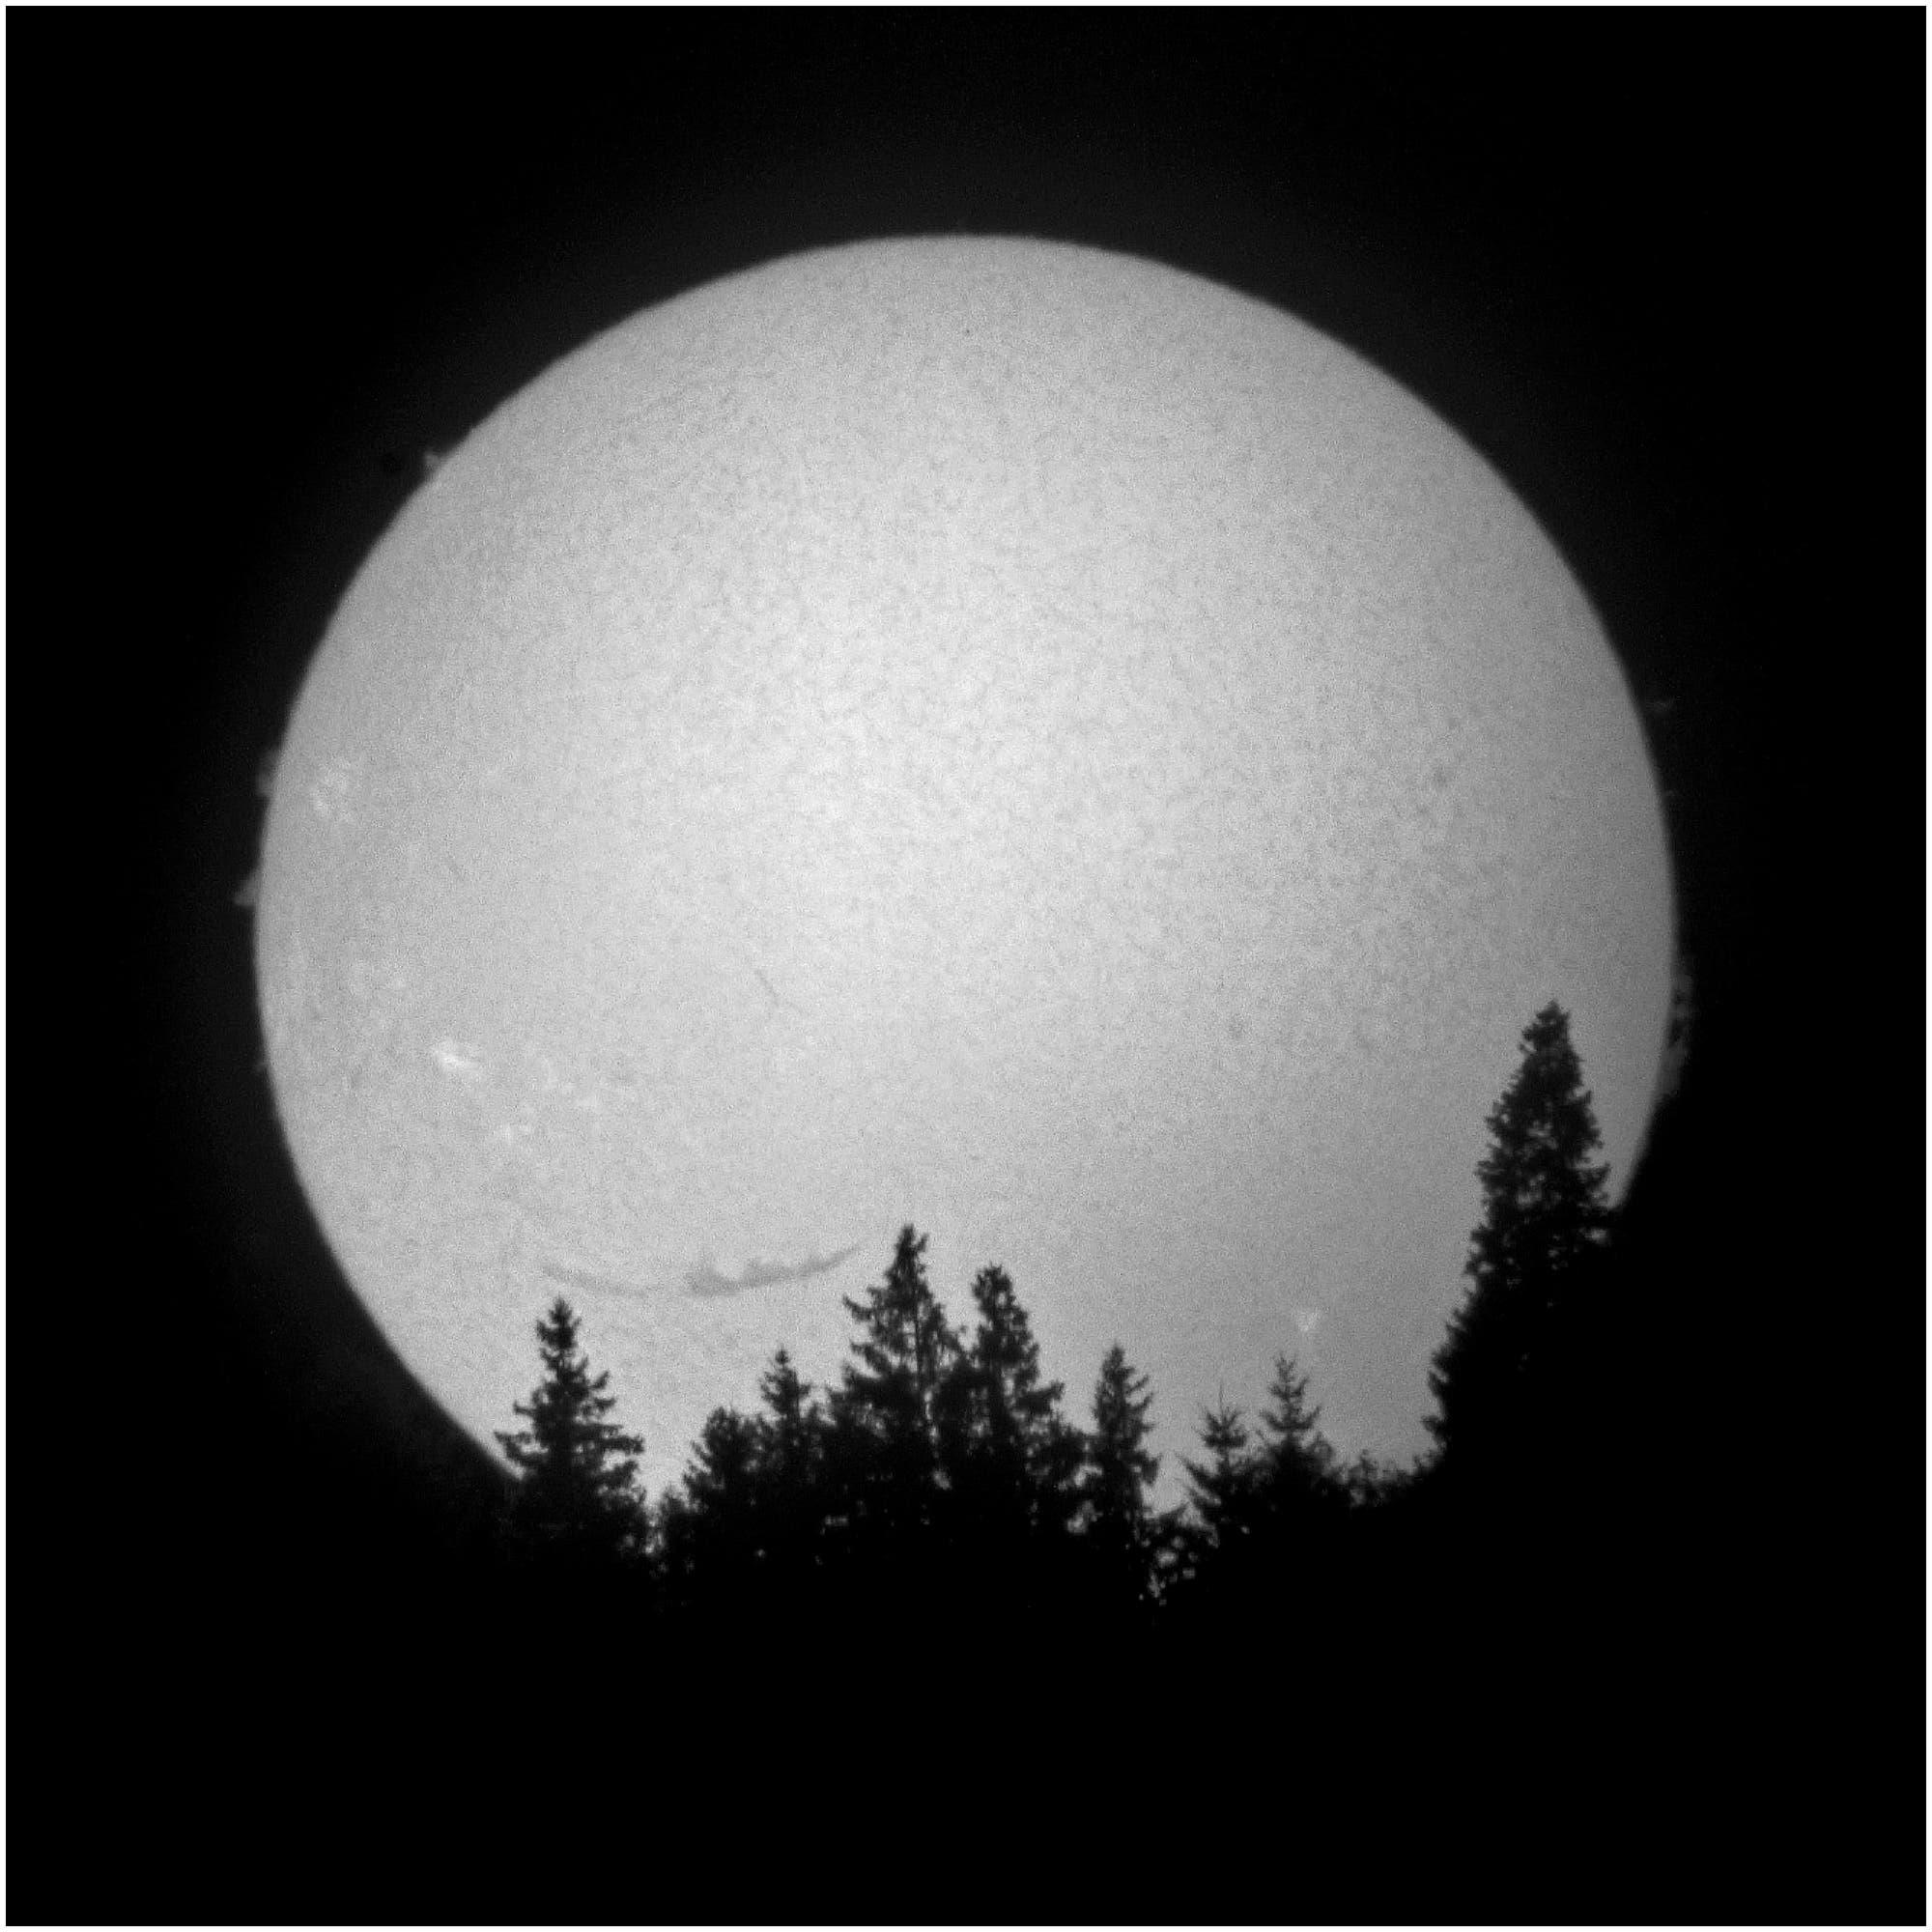 Großes Filament vor der Sonne am 10. August 2013